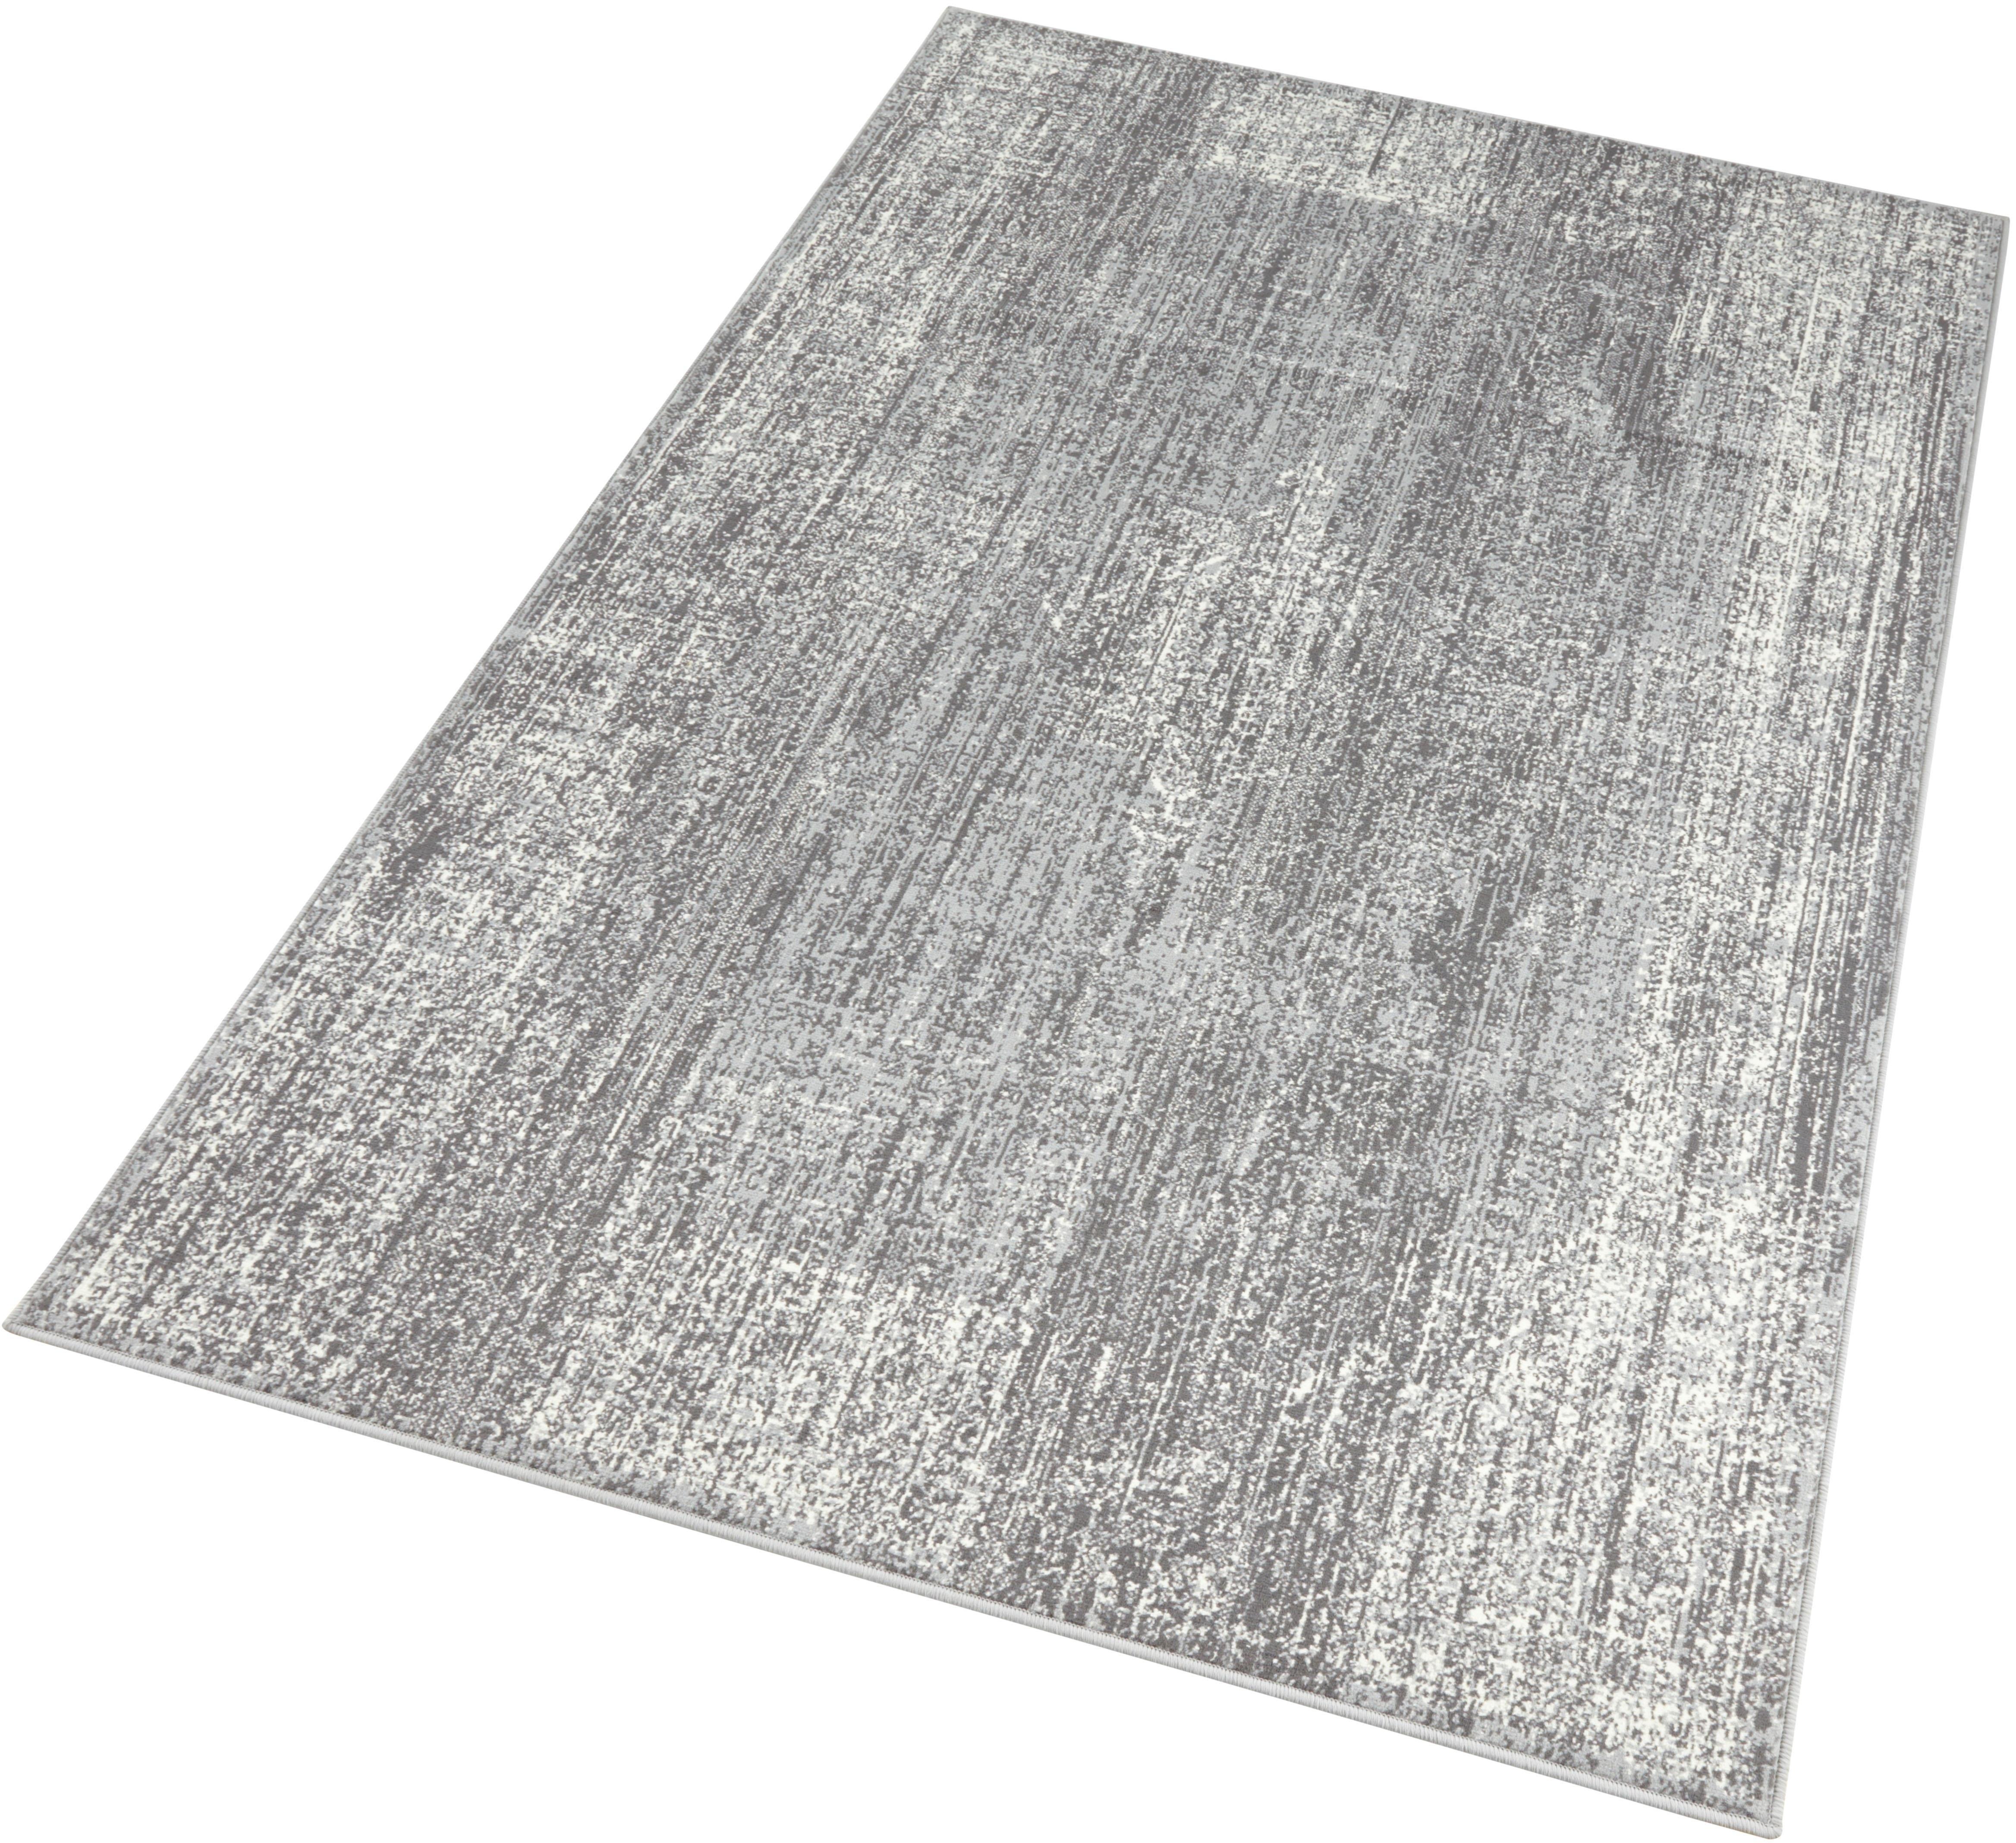 Hanse Home Vloerkleed, »Elysium«, rechthoekig, hoogte 9 mm, machinaal geweven bij OTTO online kopen